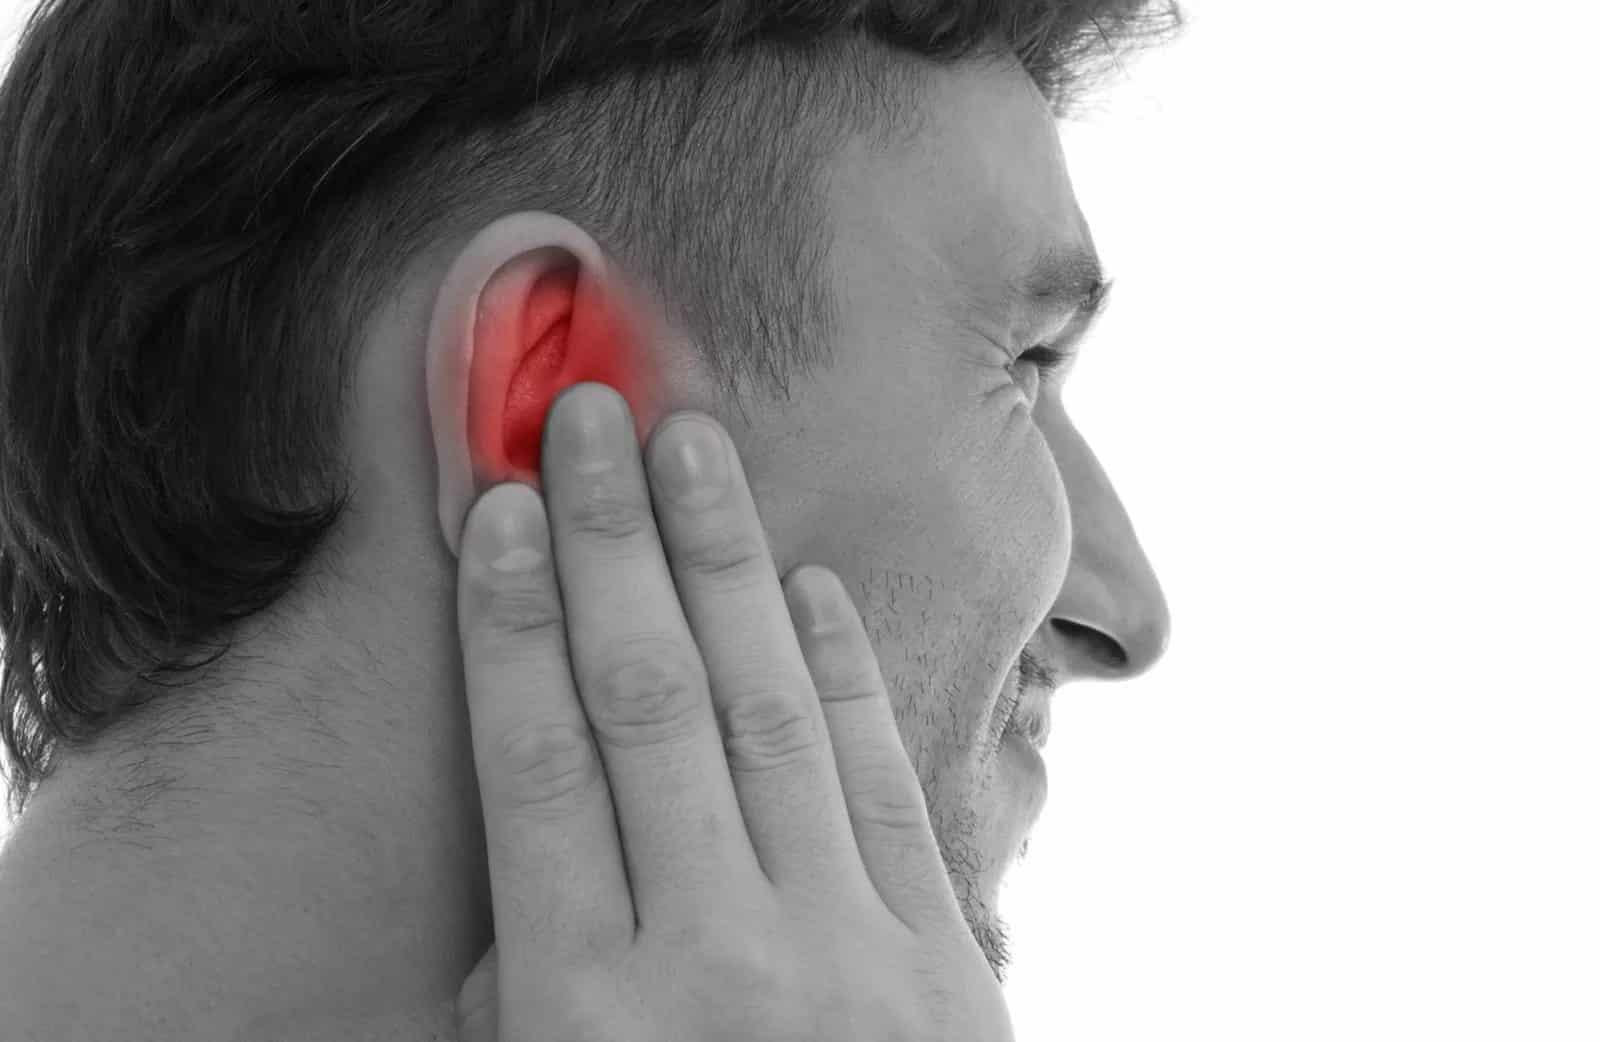 Какие еще факторы вызывают зуд в горле